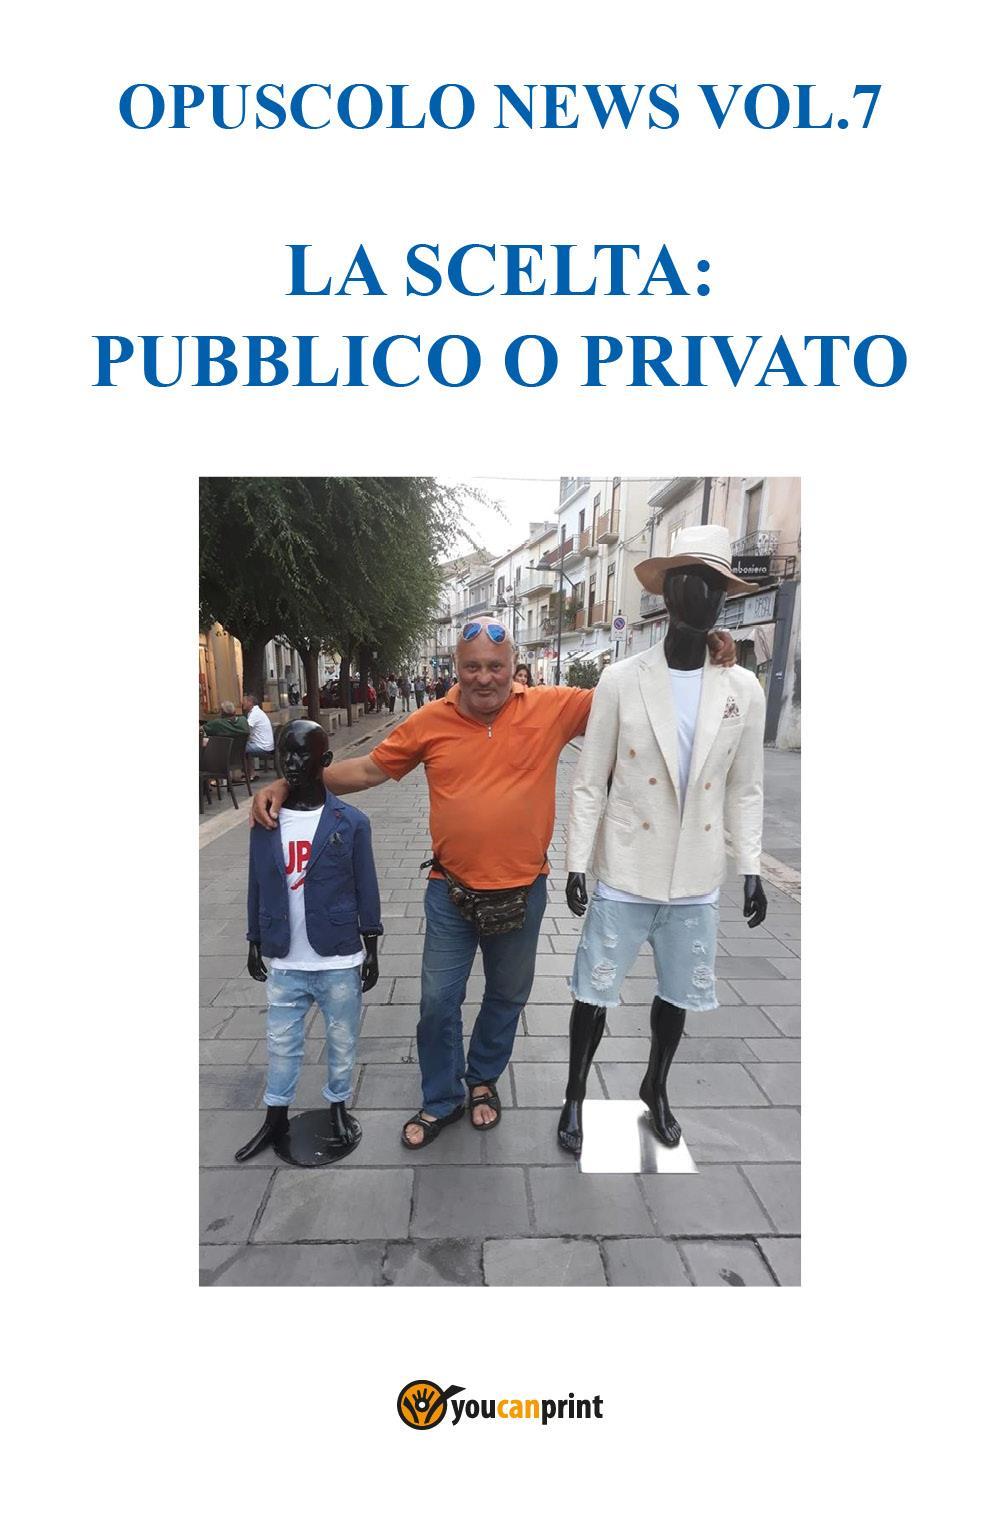 Opuscolo Vol.7